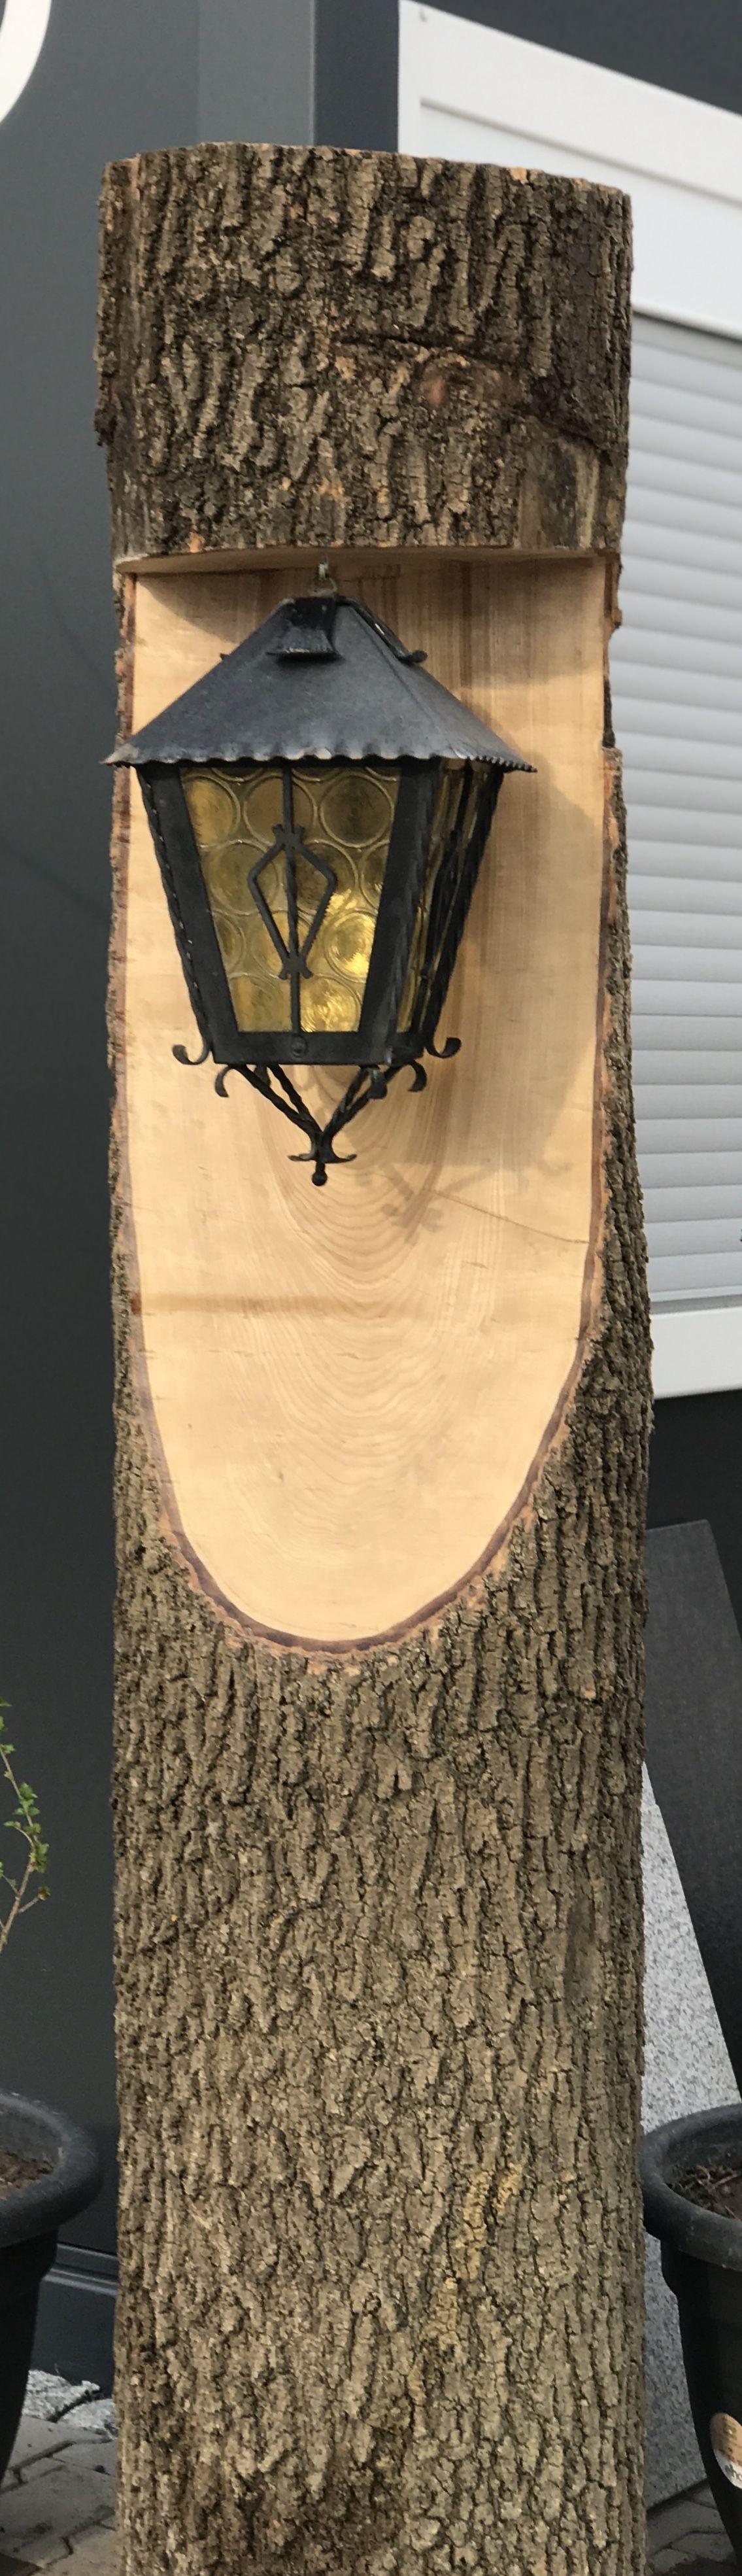 pin von totylkoja auf back yard in 2019 holzideen garten. Black Bedroom Furniture Sets. Home Design Ideas